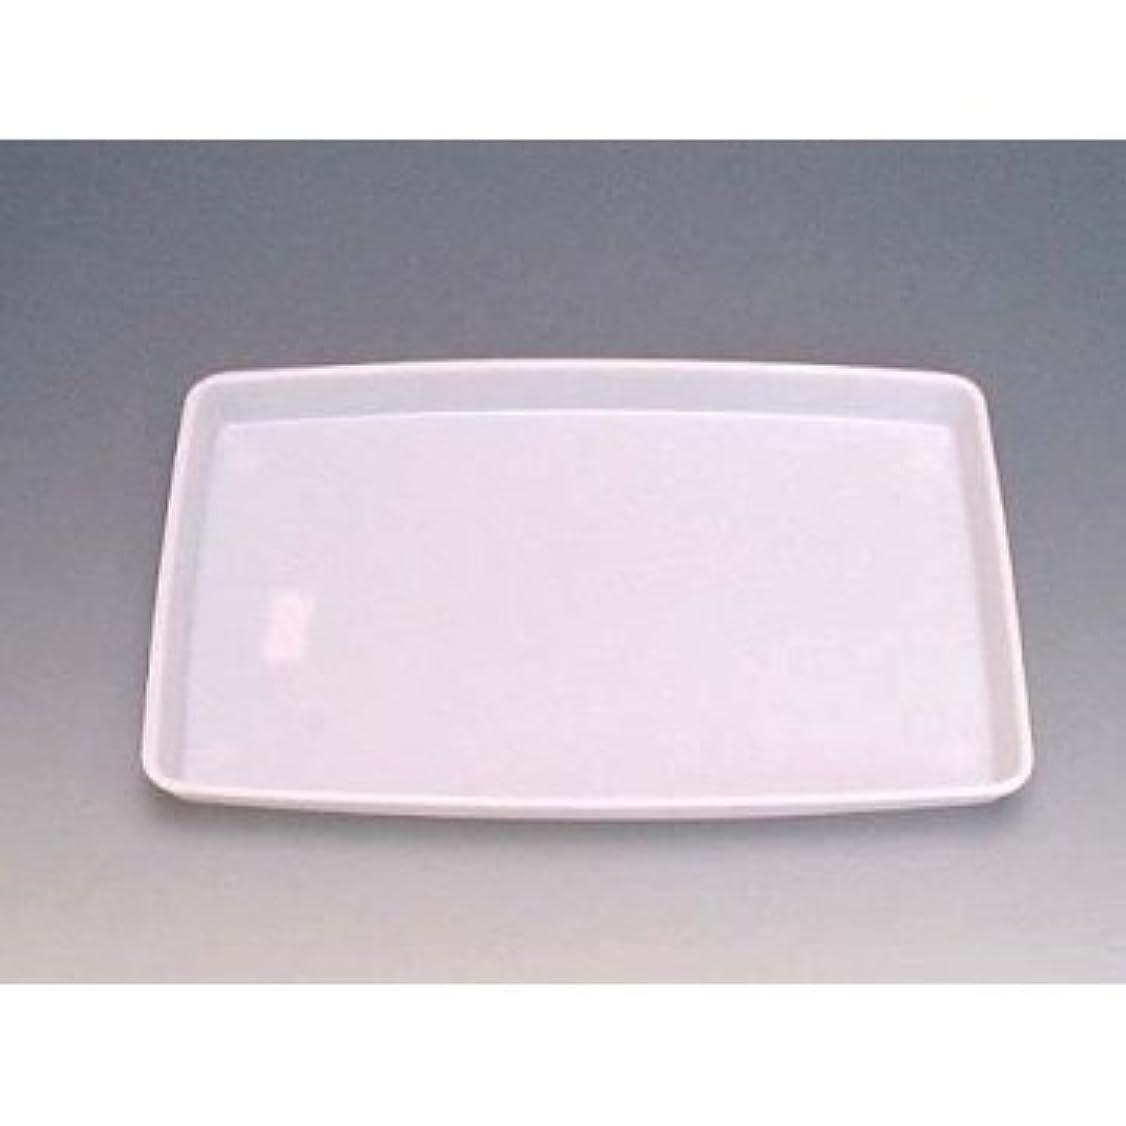 信頼以内に潜む米正 エバーメイト われない台皿 カラーホワイト